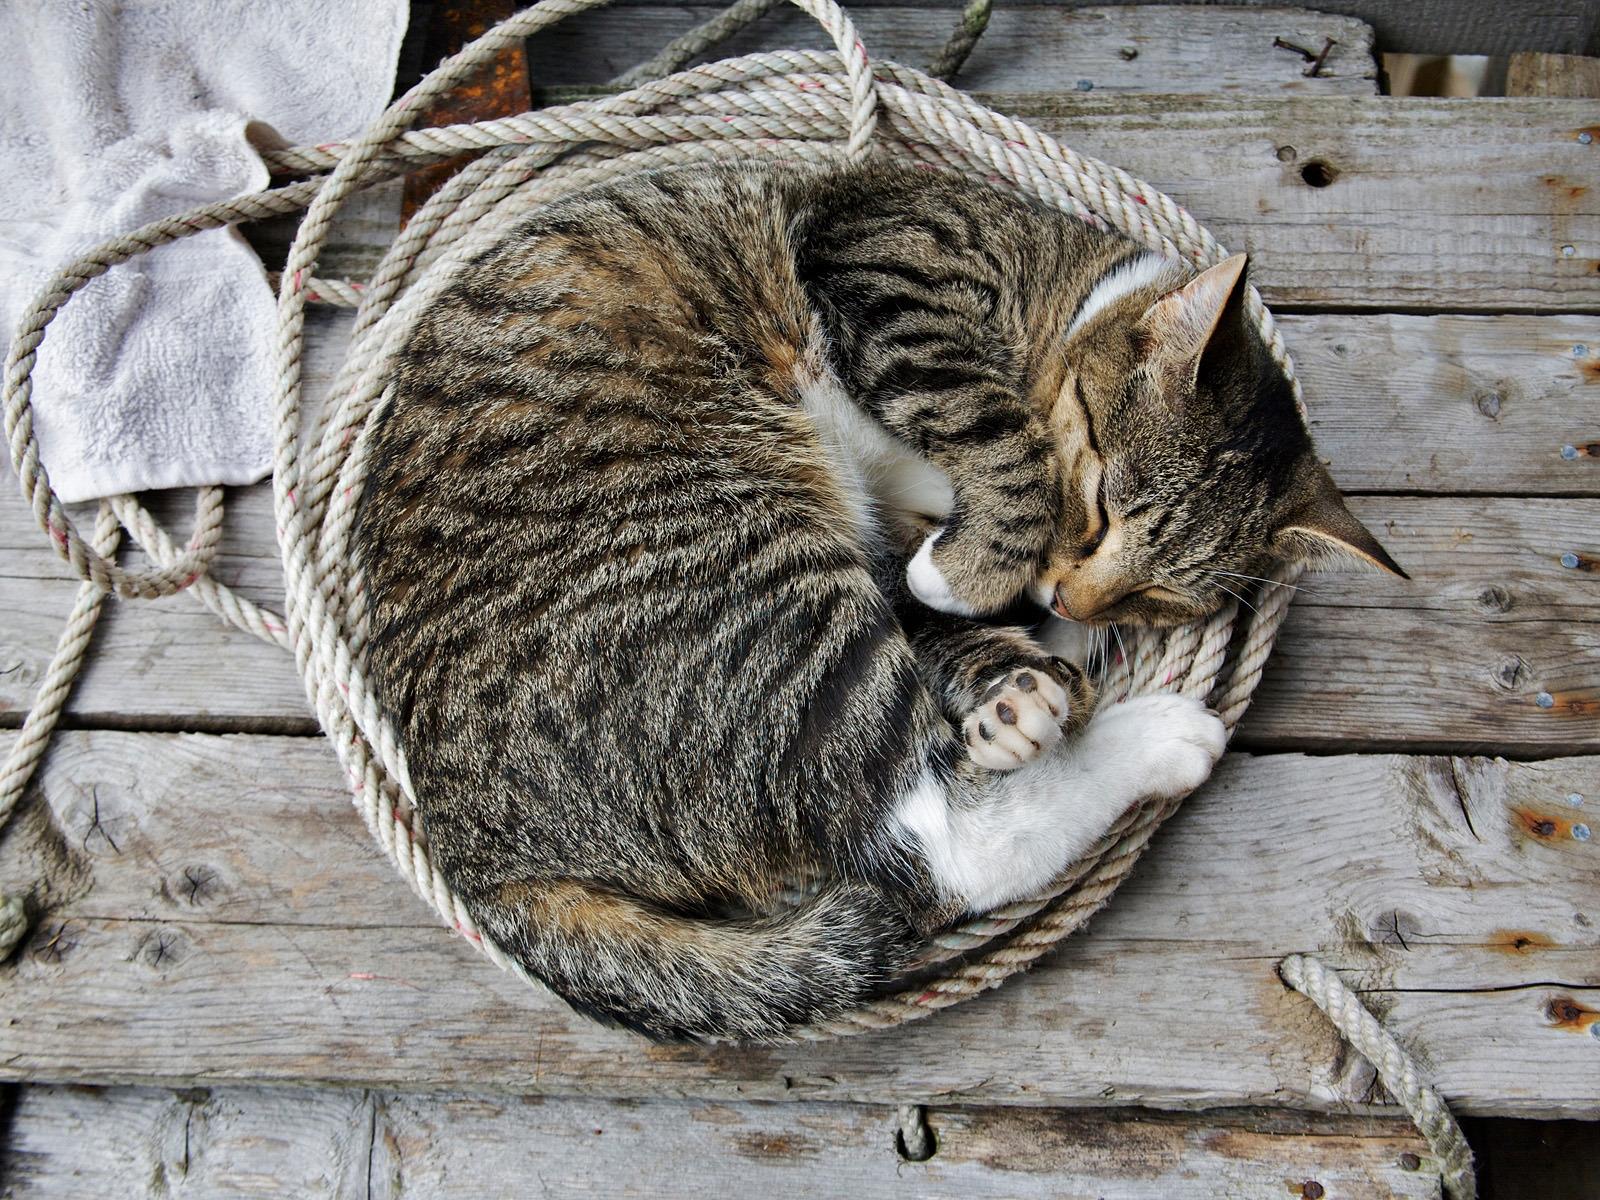 hintergrundbilder schlafen pelz whiskers l ge wilde katze unten k tzchen seil fauna. Black Bedroom Furniture Sets. Home Design Ideas